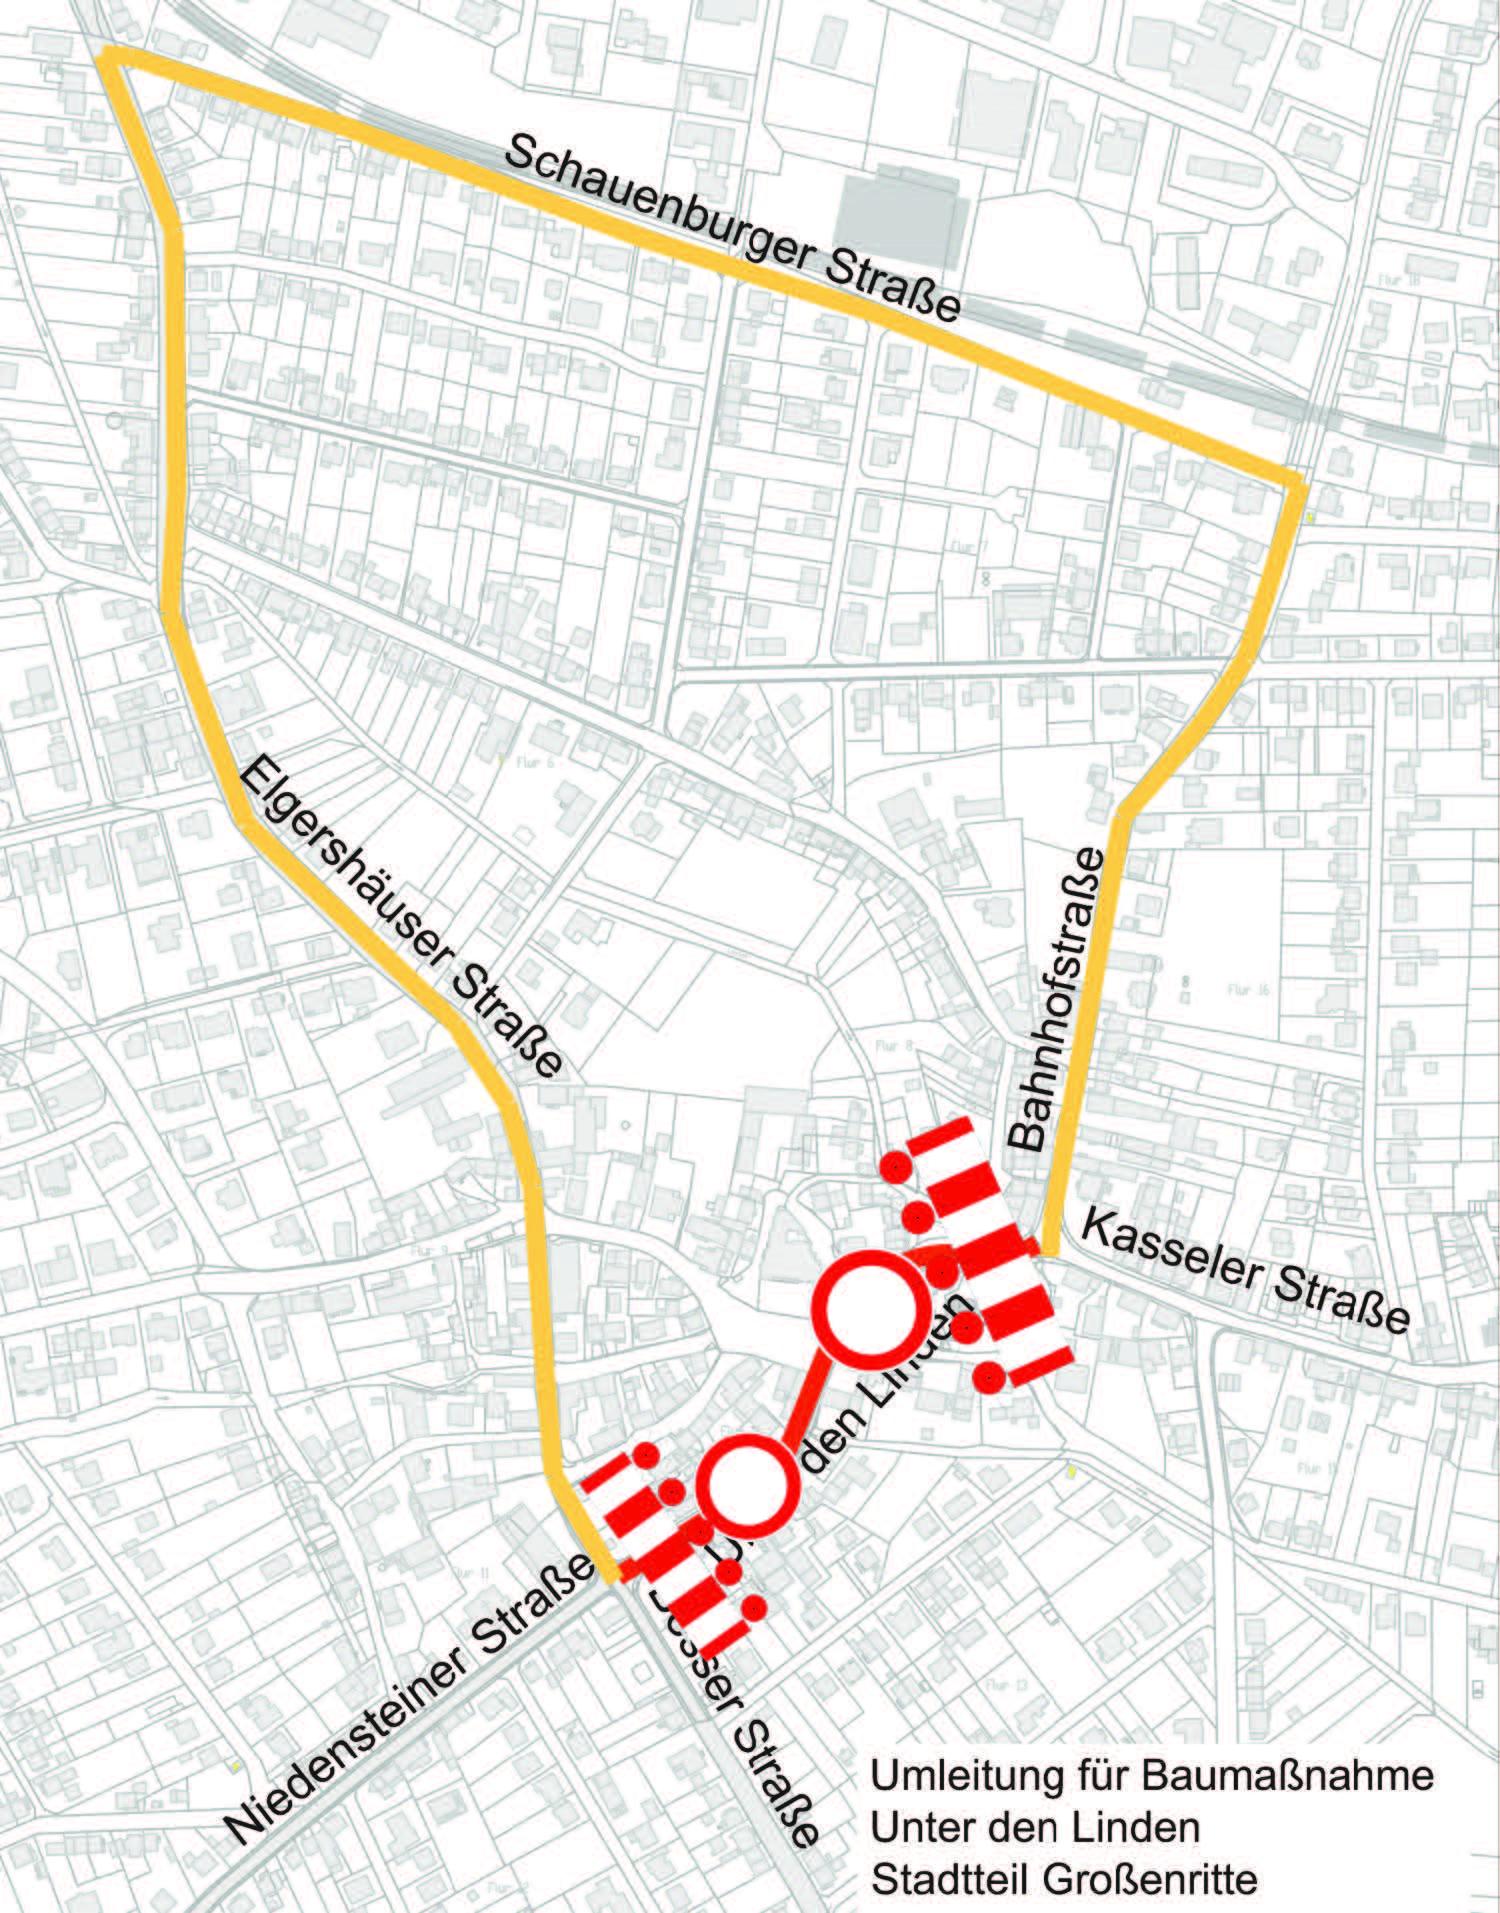 """Bürgerinformation in Großenritte für Baustelle""""Unter den Linden"""" am 1. März, 17.30 Uhr und Vollsperrung der Straße """"Unter den Linden"""" ab 7. März"""